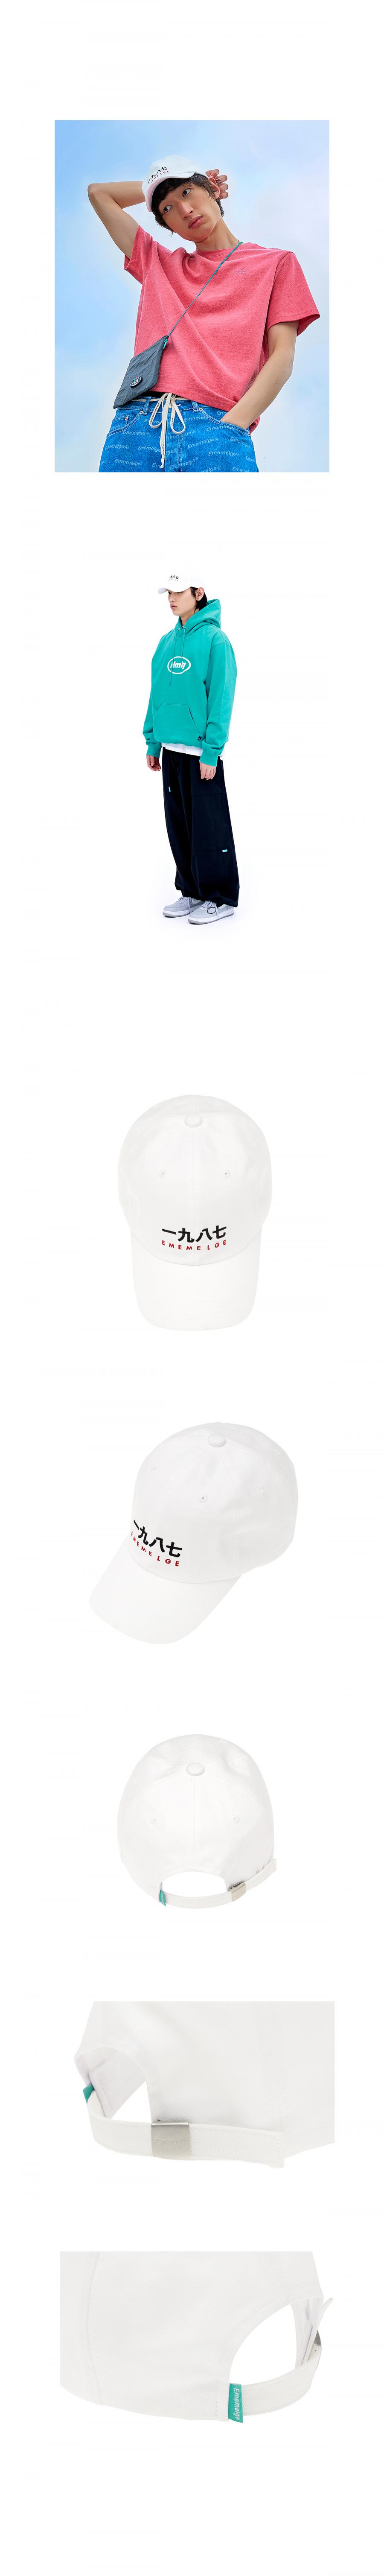 팔칠엠엠(87MM) [Mmlg] 一九八七 BALLCAP (WHITE)